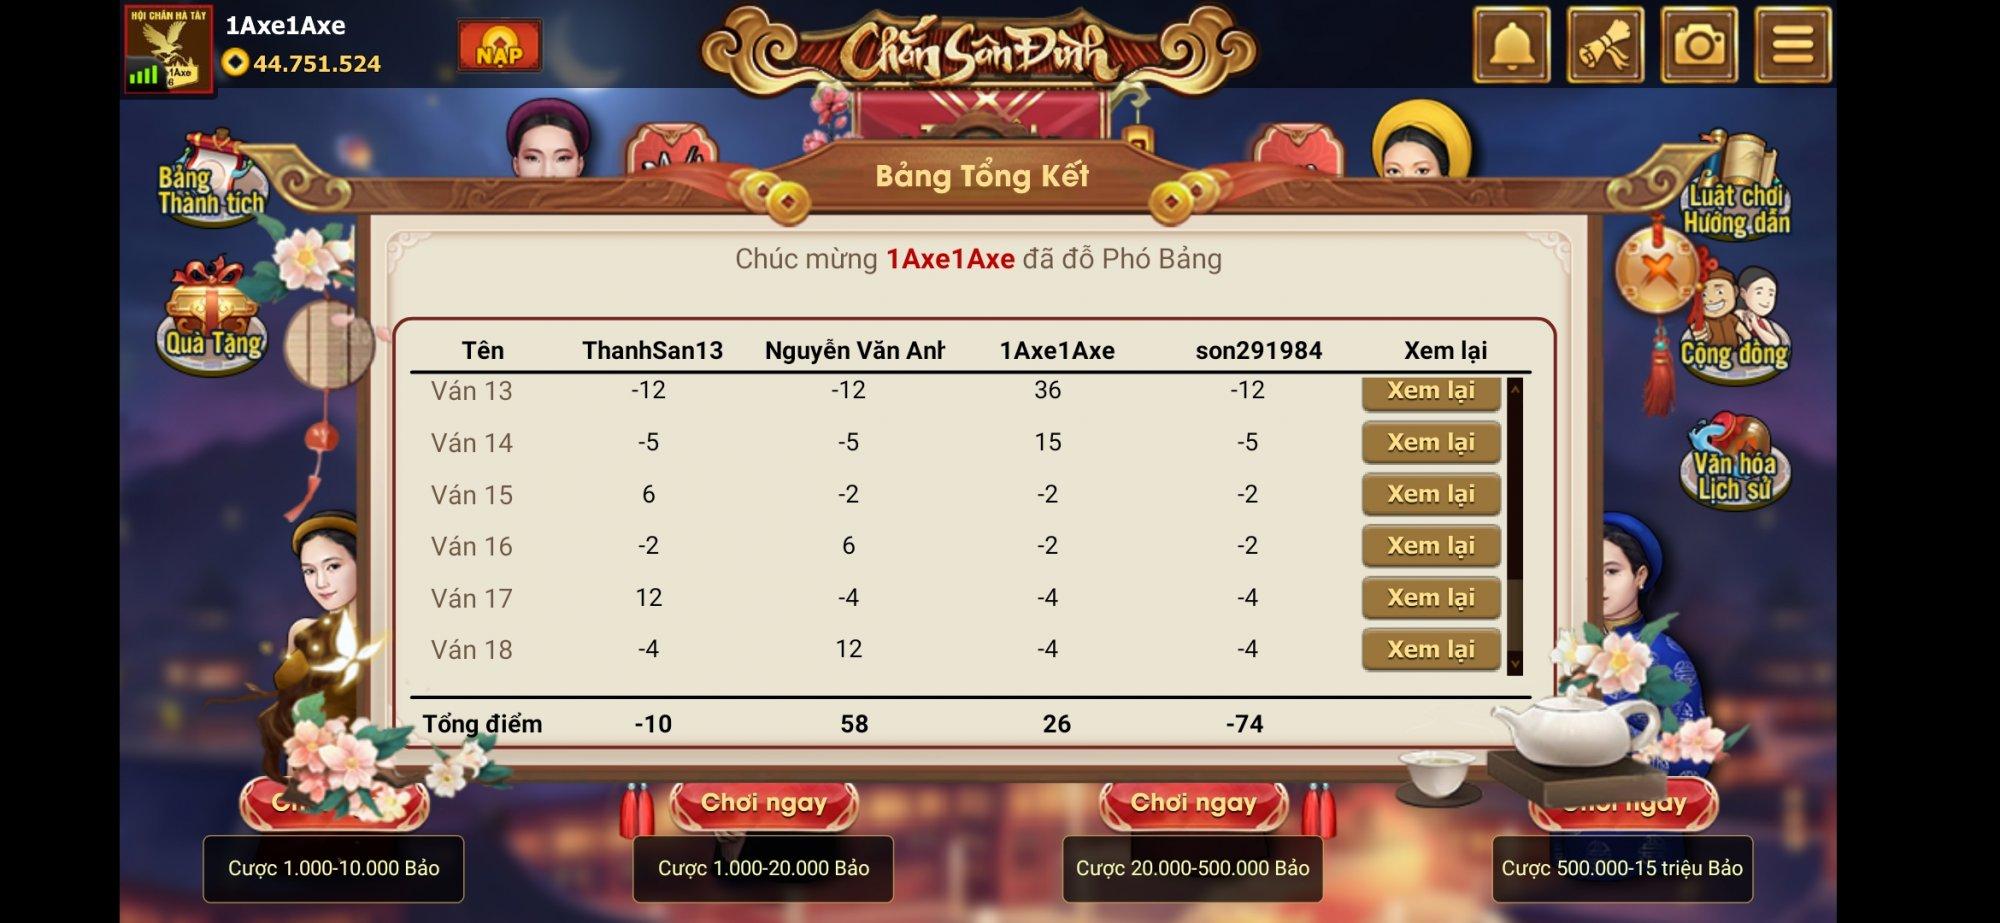 Screenshot_2020-09-18-22-35-23-052_com.thanhpv.chan.